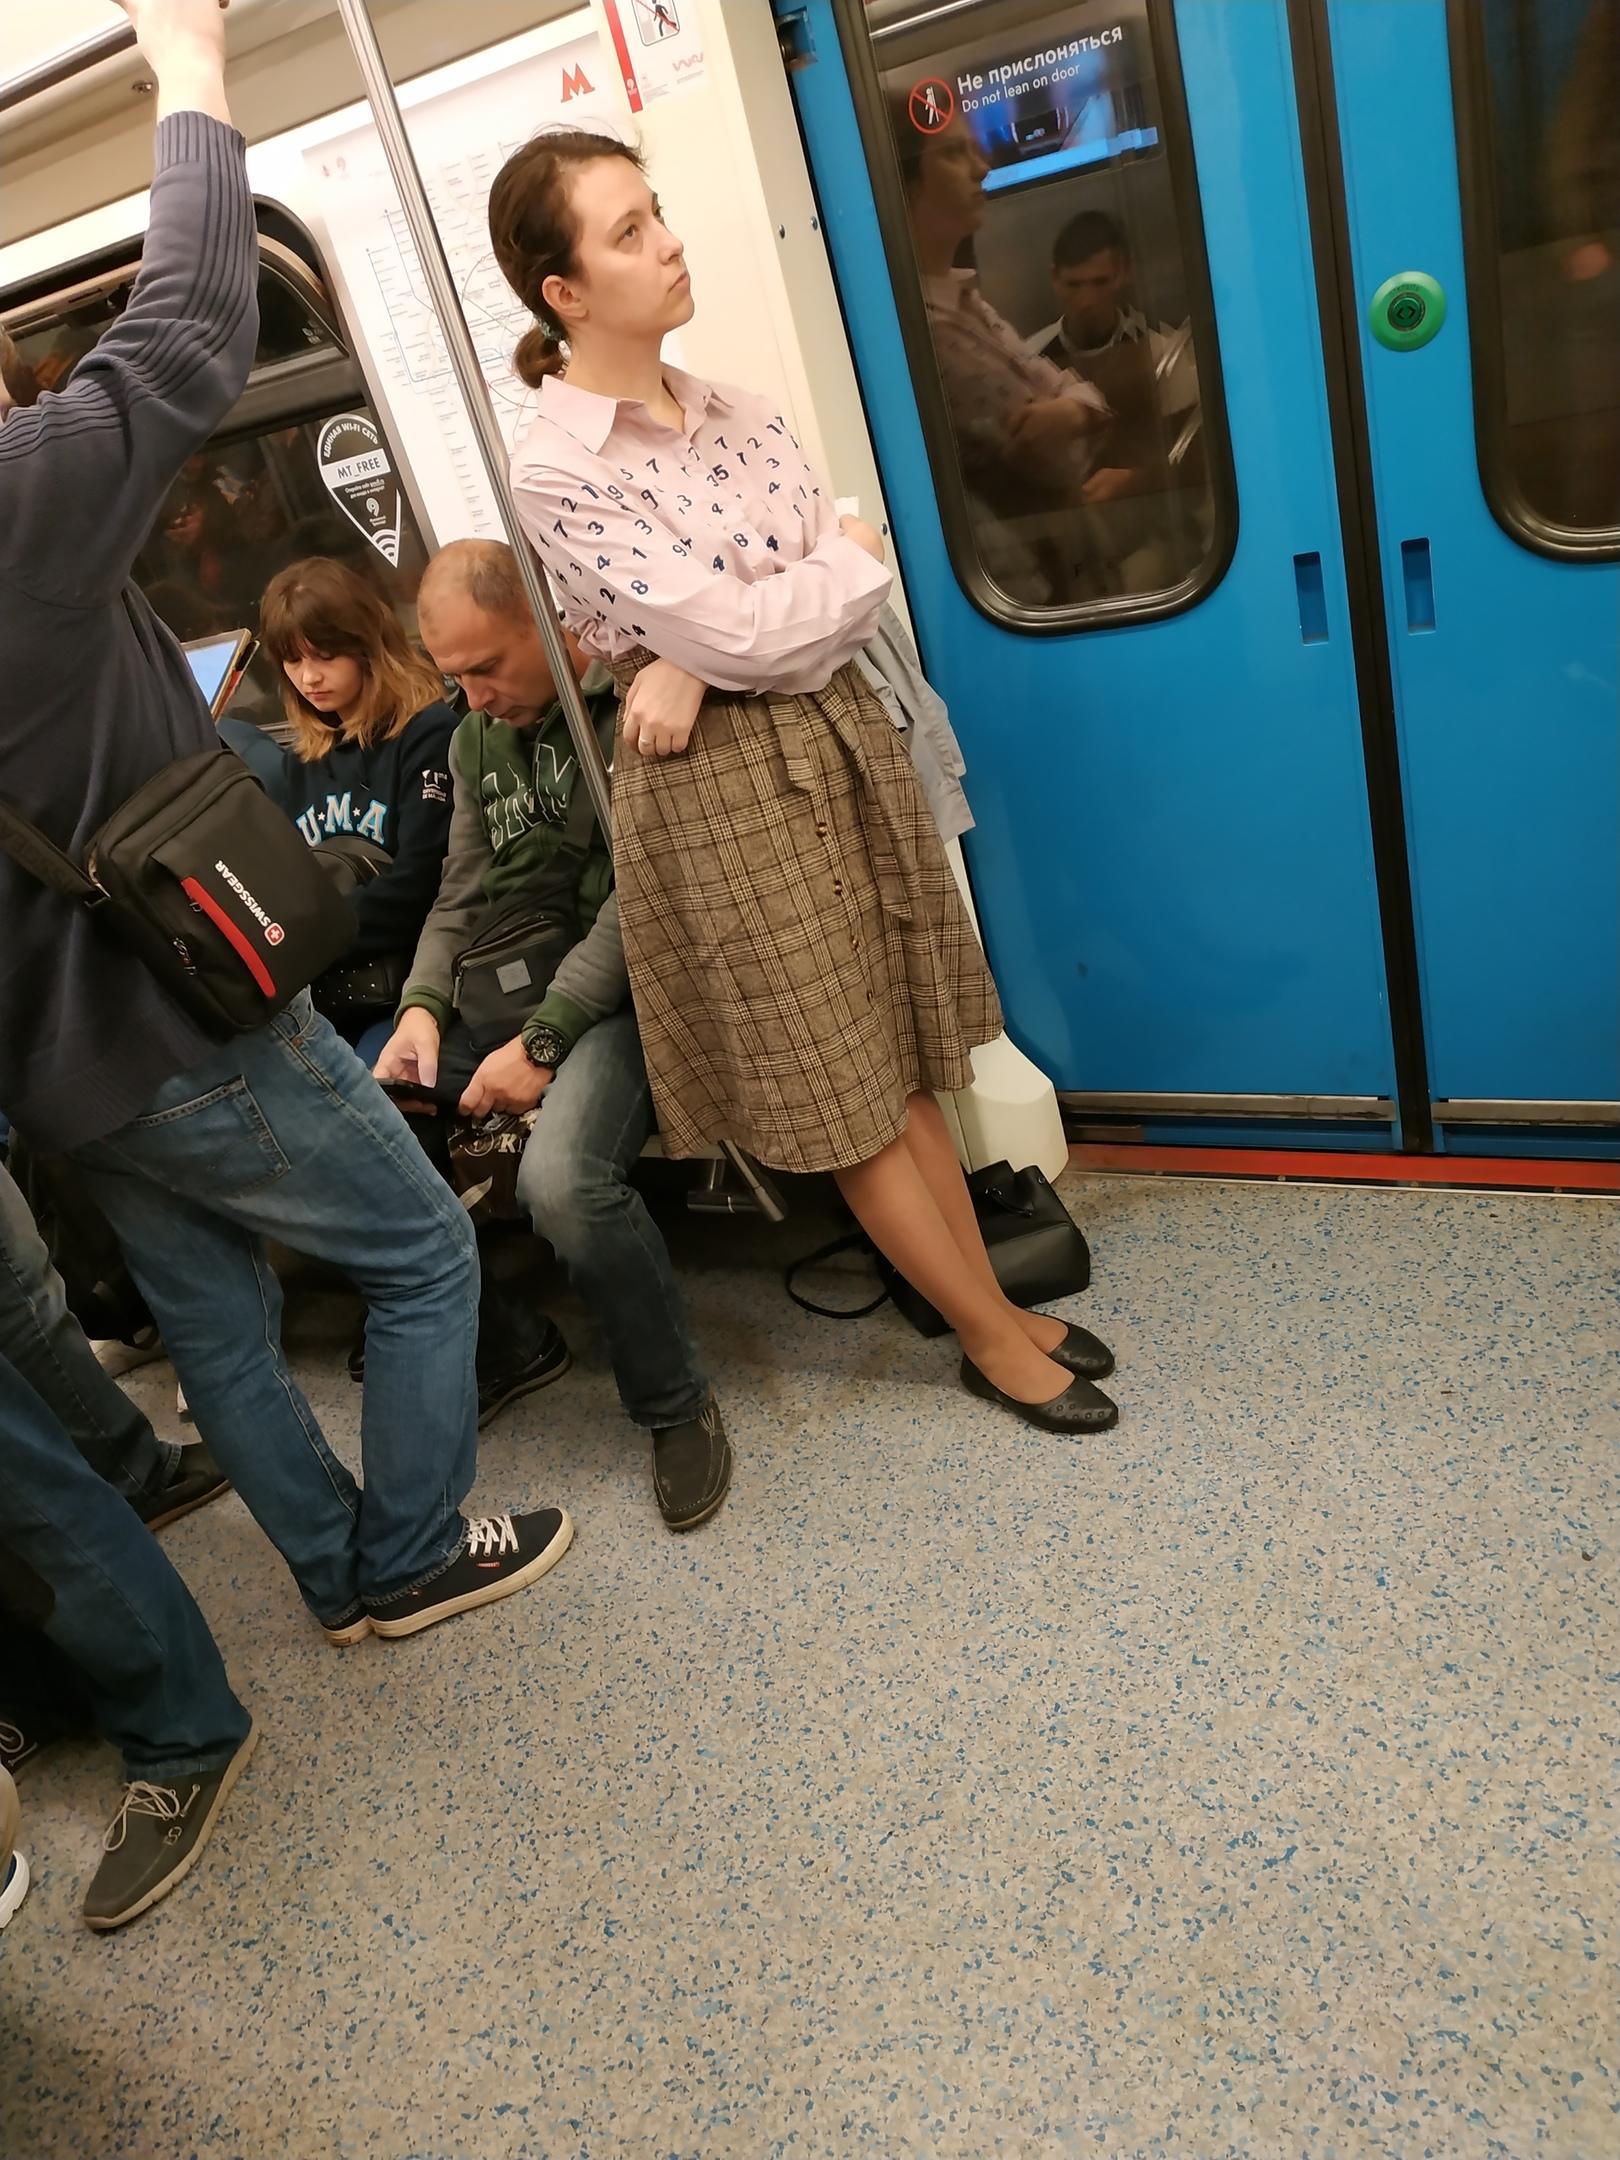 Хорошо что я в метро езжу... блядь